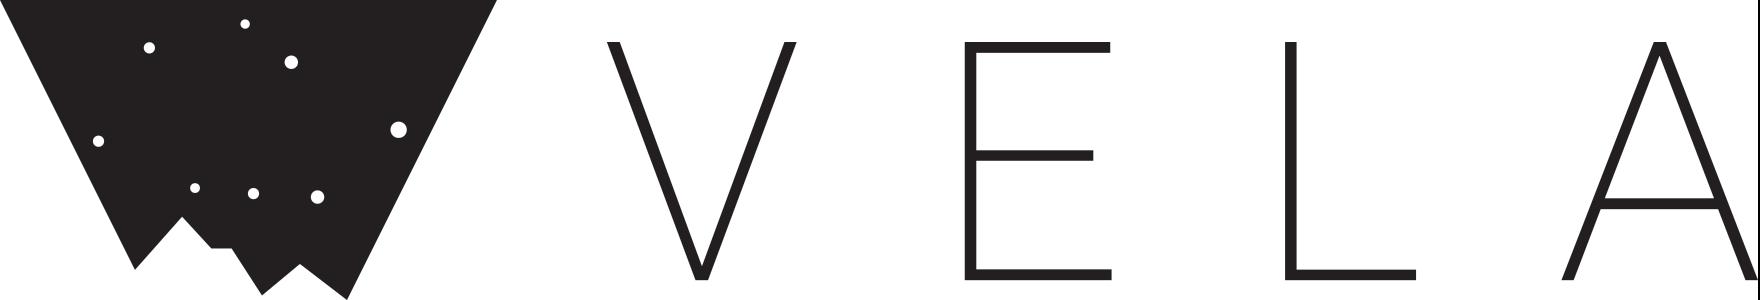 vela-header-logo-v3.png